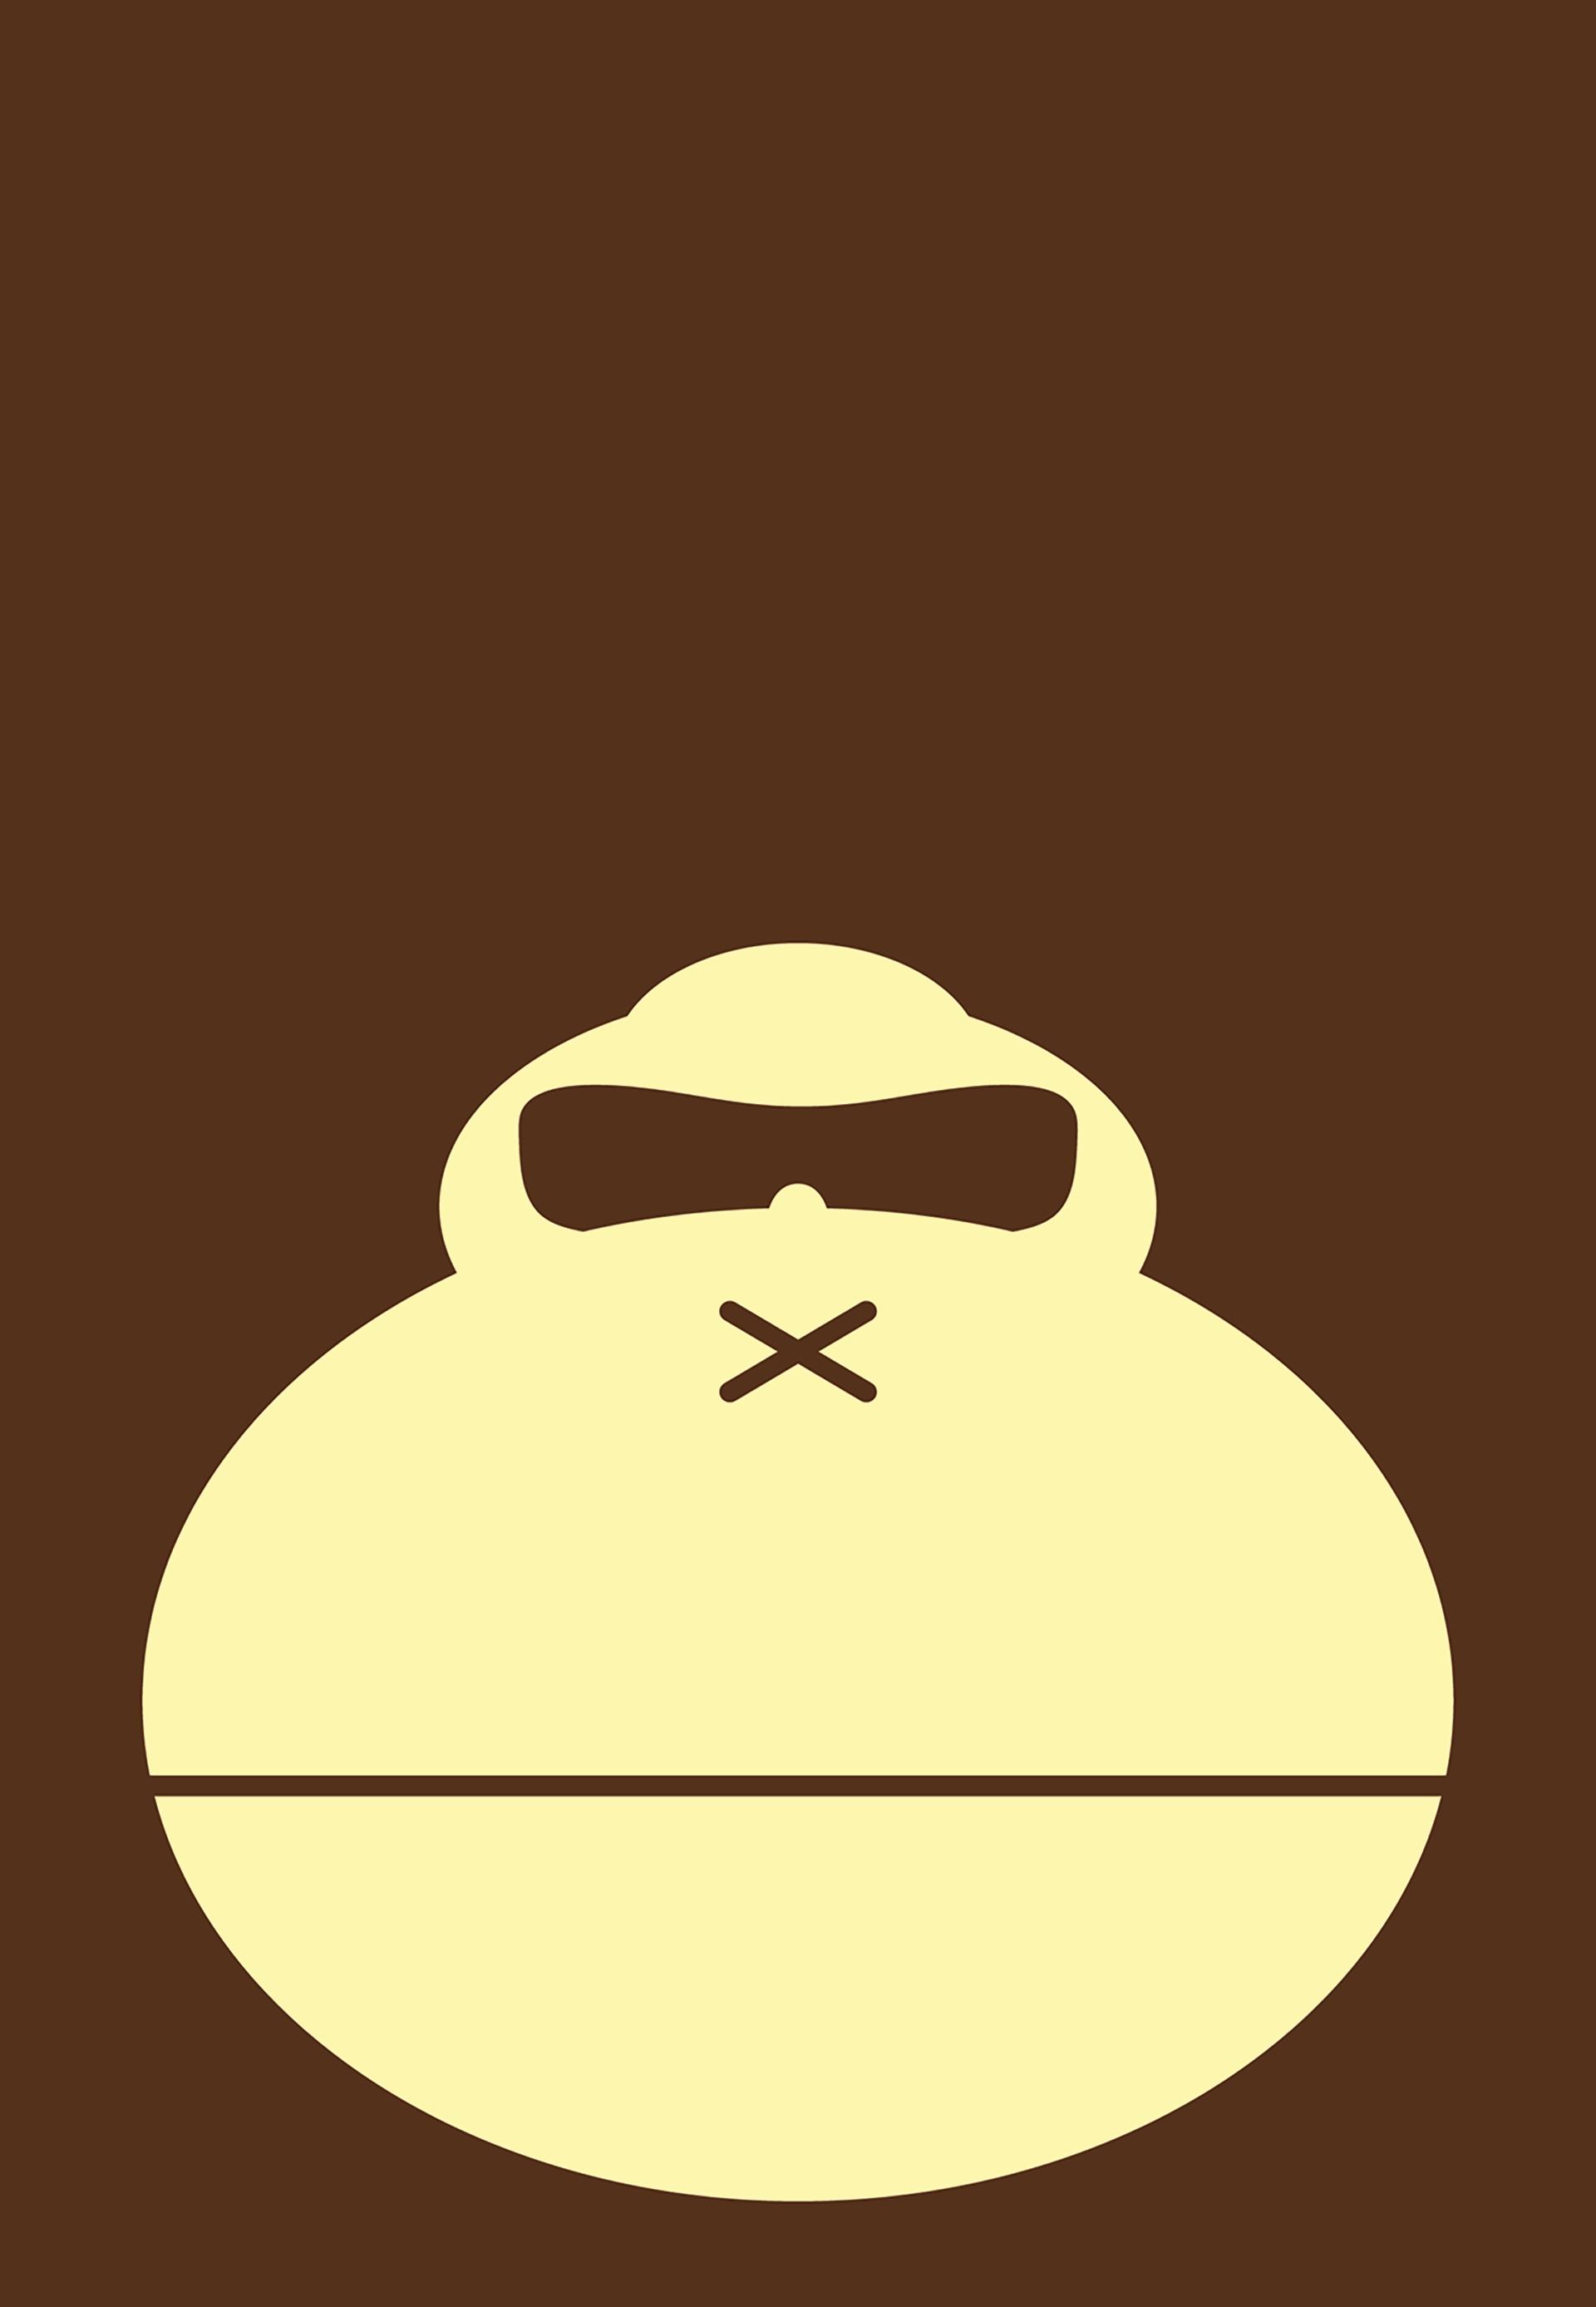 sun-bum